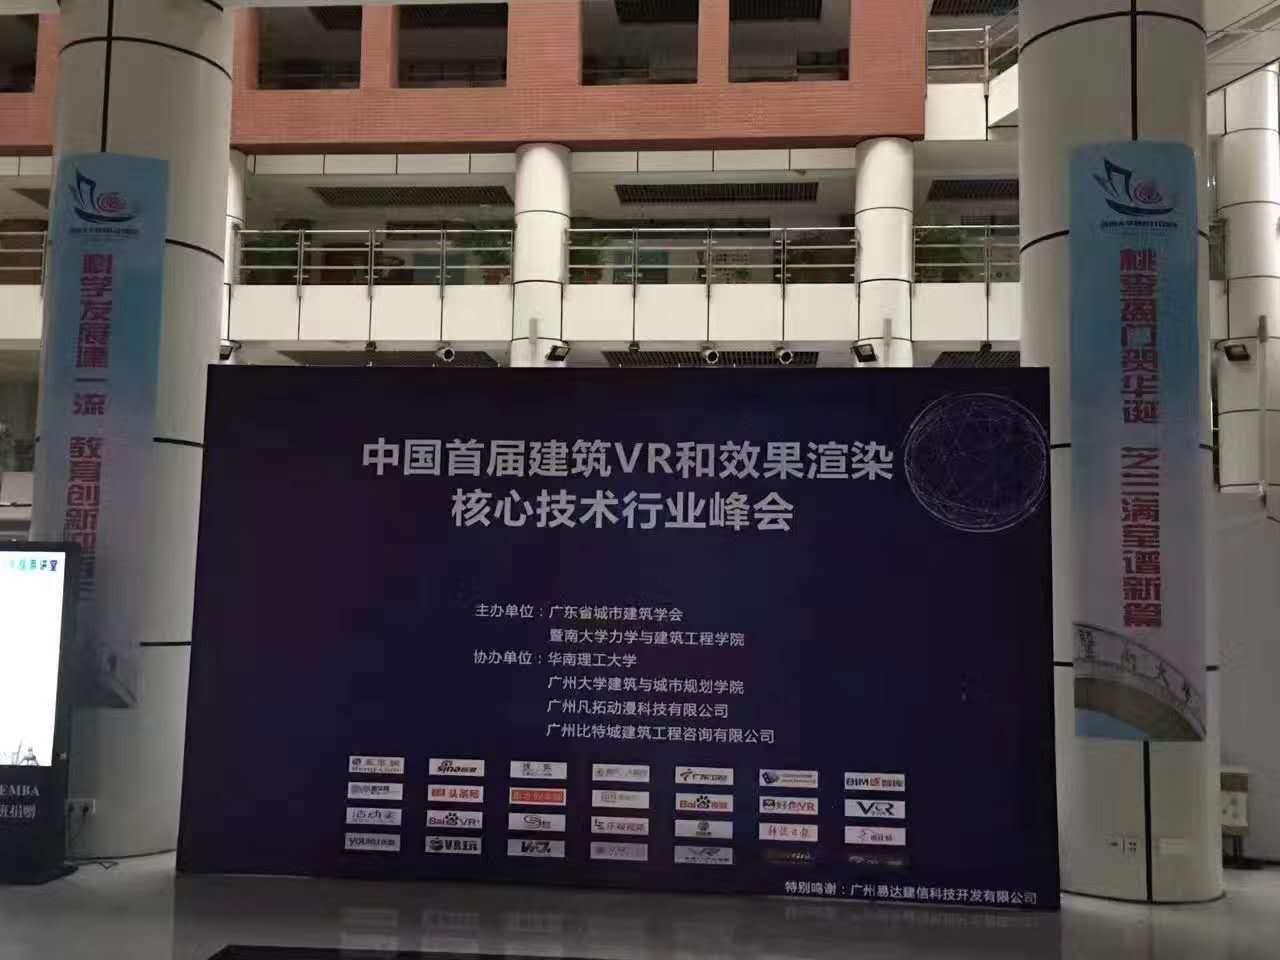 首届建筑VR和效果渲染核心技术行业峰会 暨2016国际VR和CG项目产品成果展现场图片